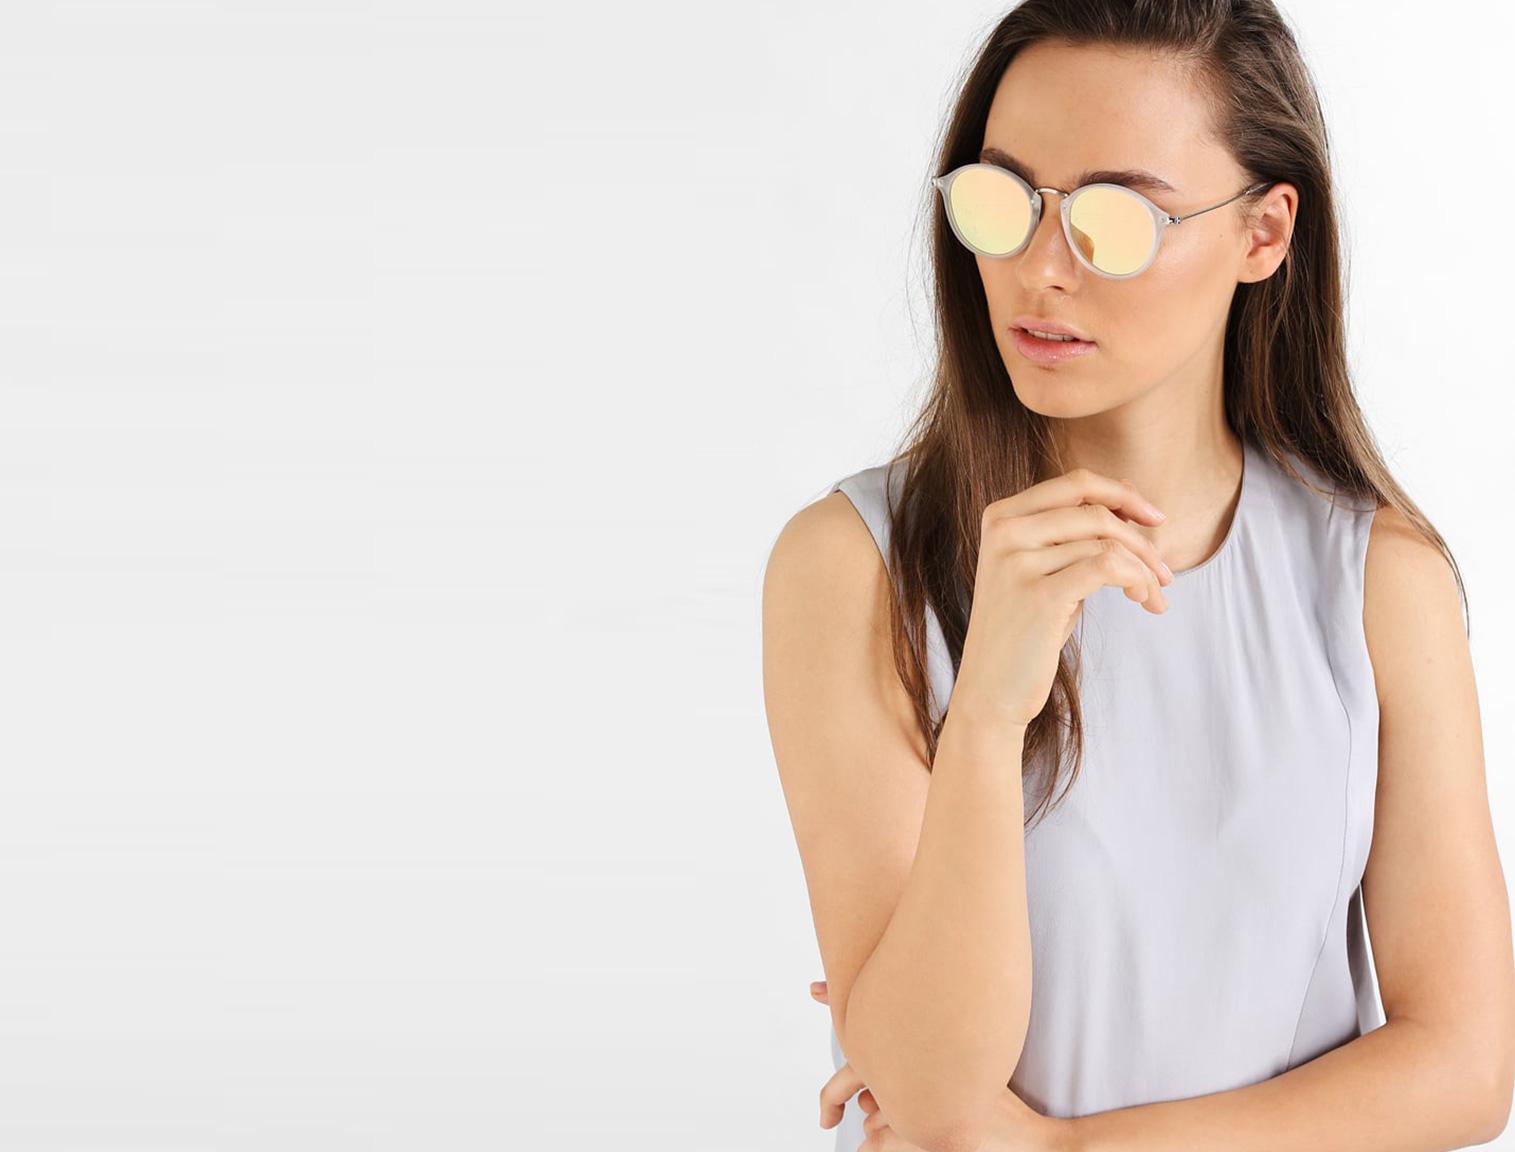 Mujer con gafas de sol de espejo doradas